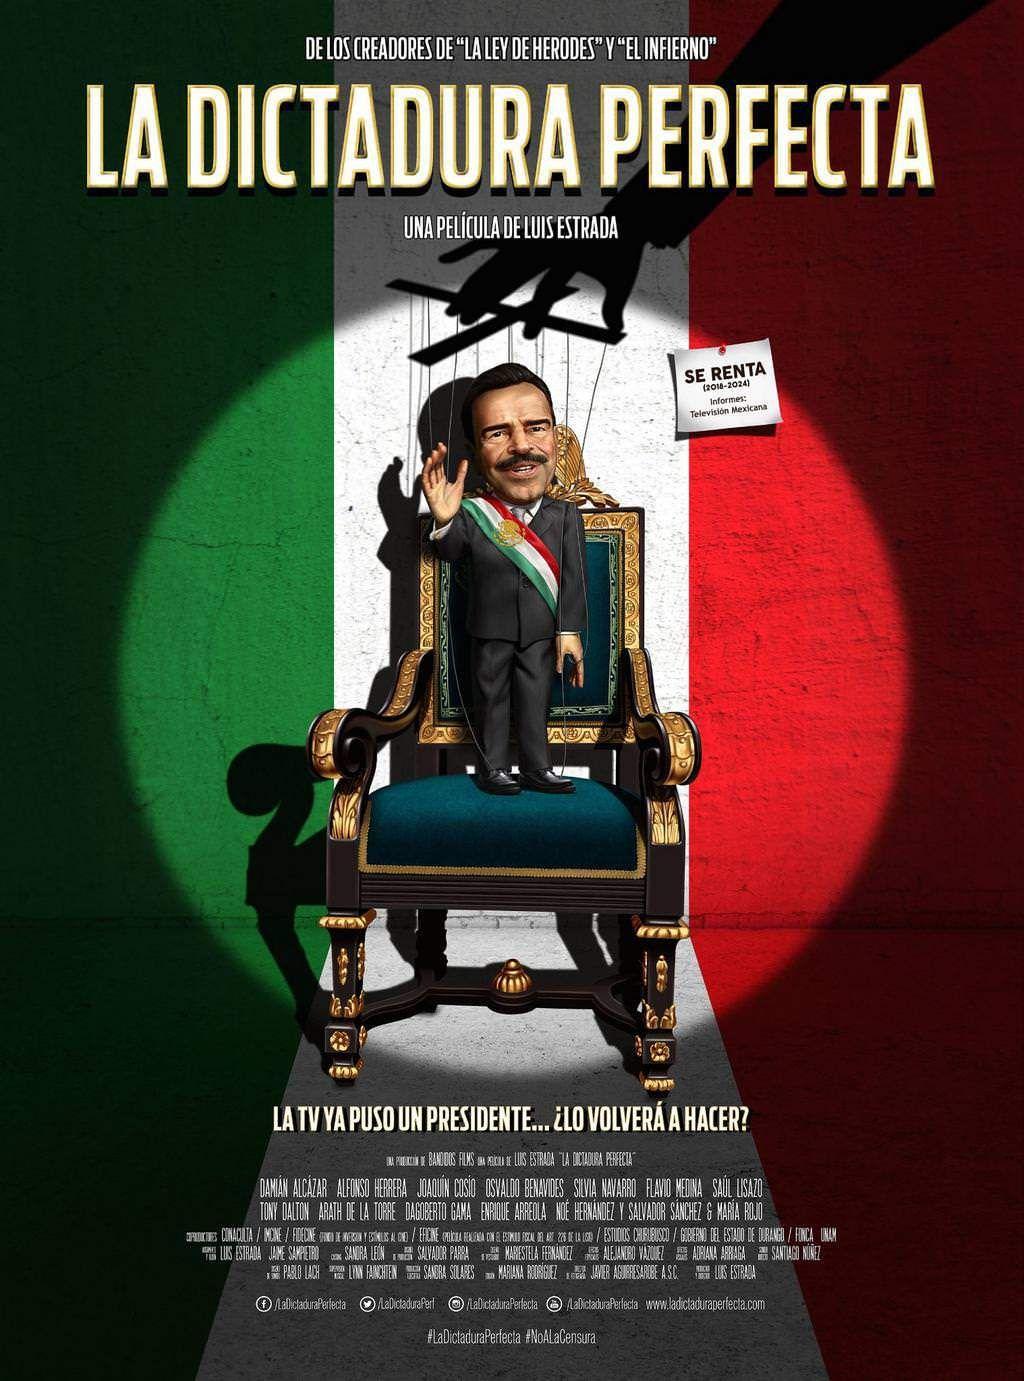 869. La Dictadura Perfecta (2014) 0 de 5 Director Luis